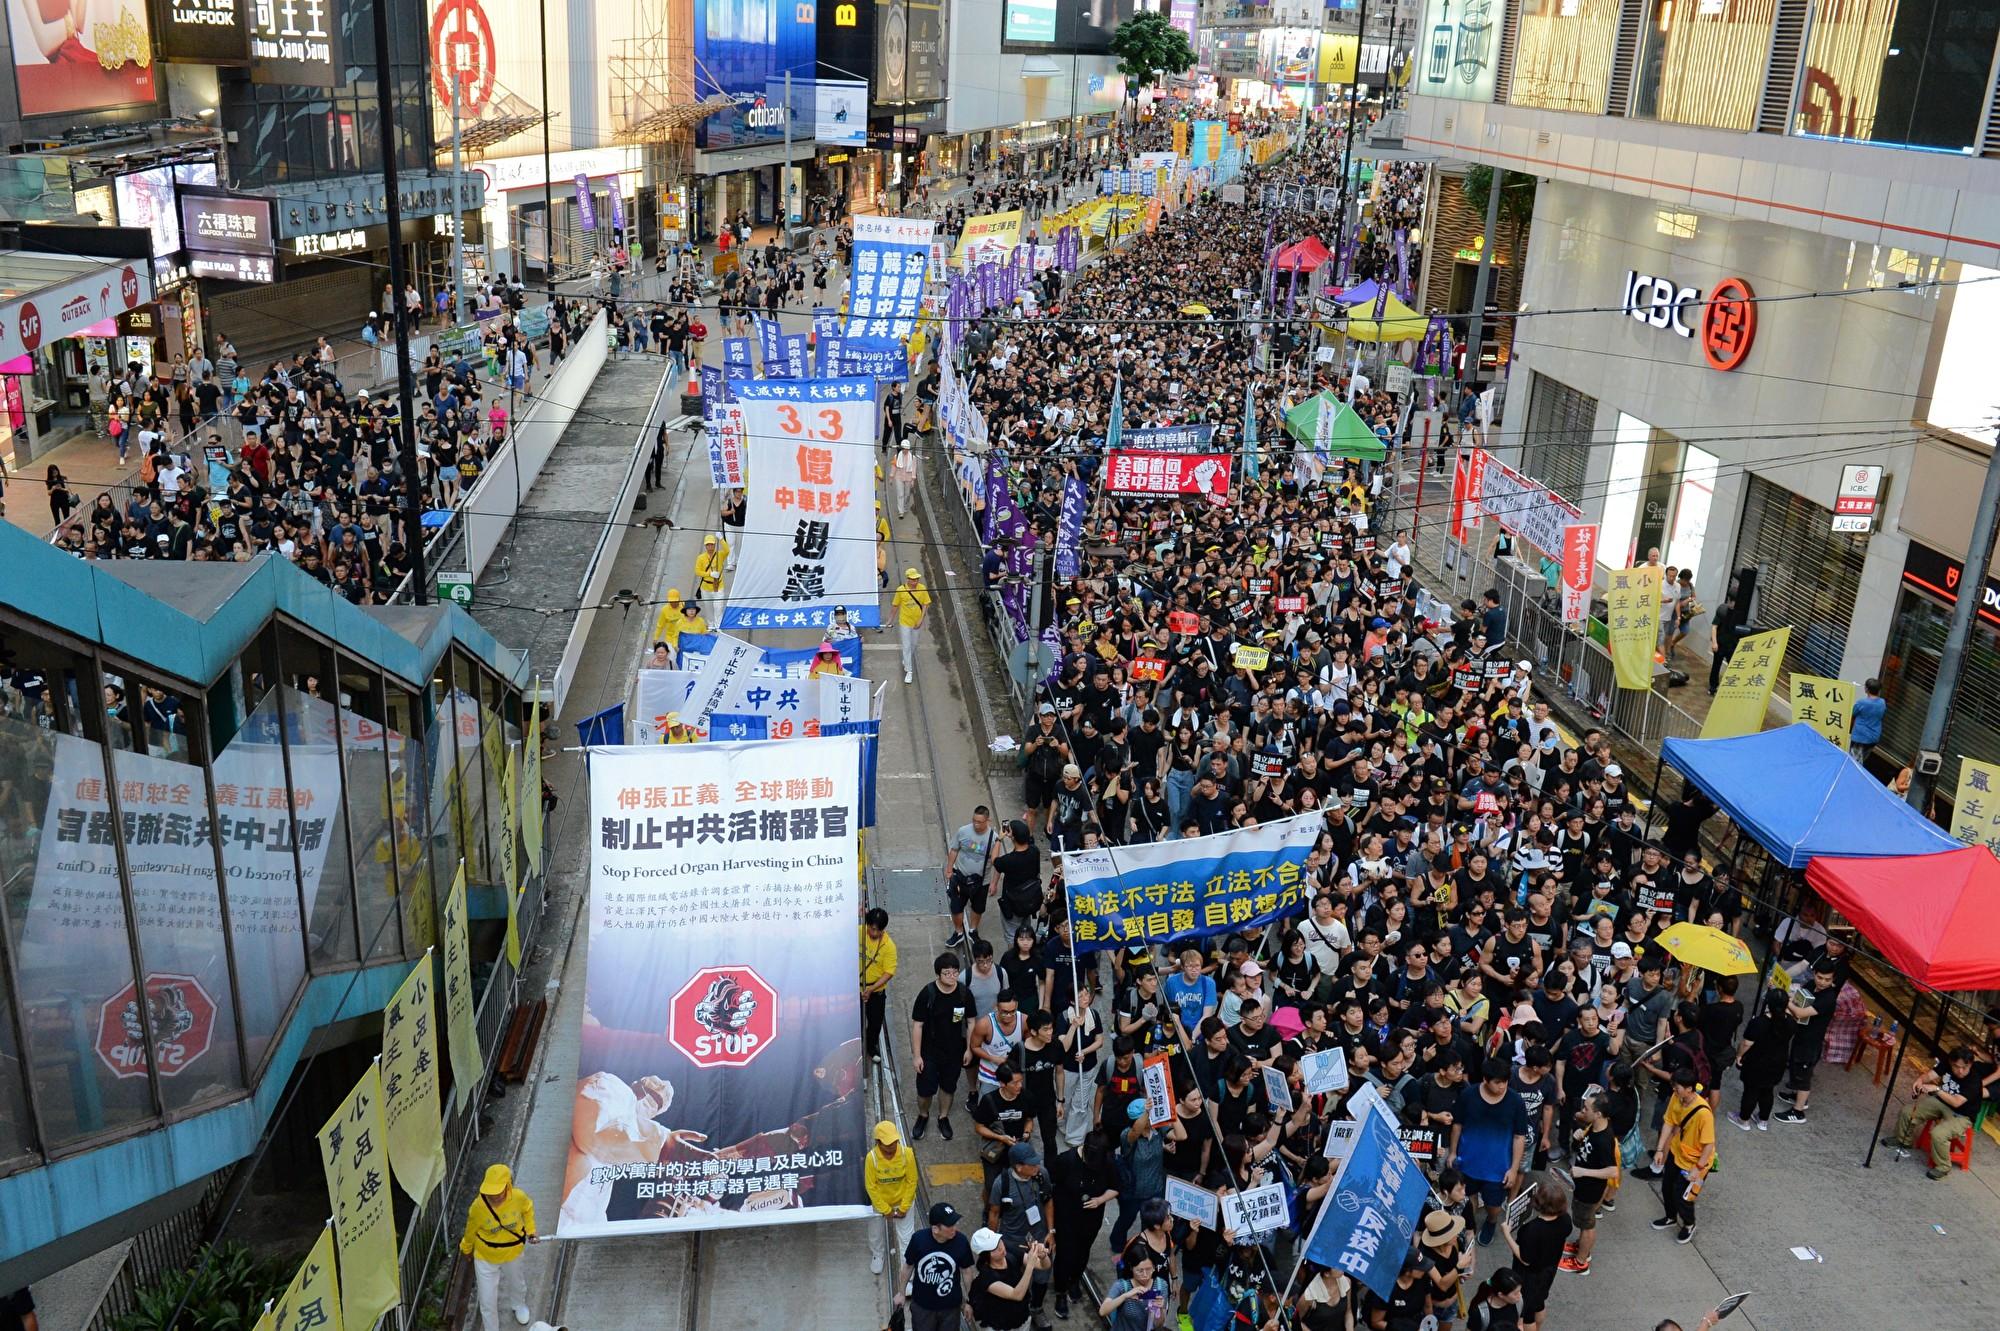 2020年7月1日香港數十萬民眾上街反對「港版國安法」,但遭到港警的打壓。當天370人被抓捕,其中至少10人被指涉「港版國安法」。(宋碧龍/大紀元)